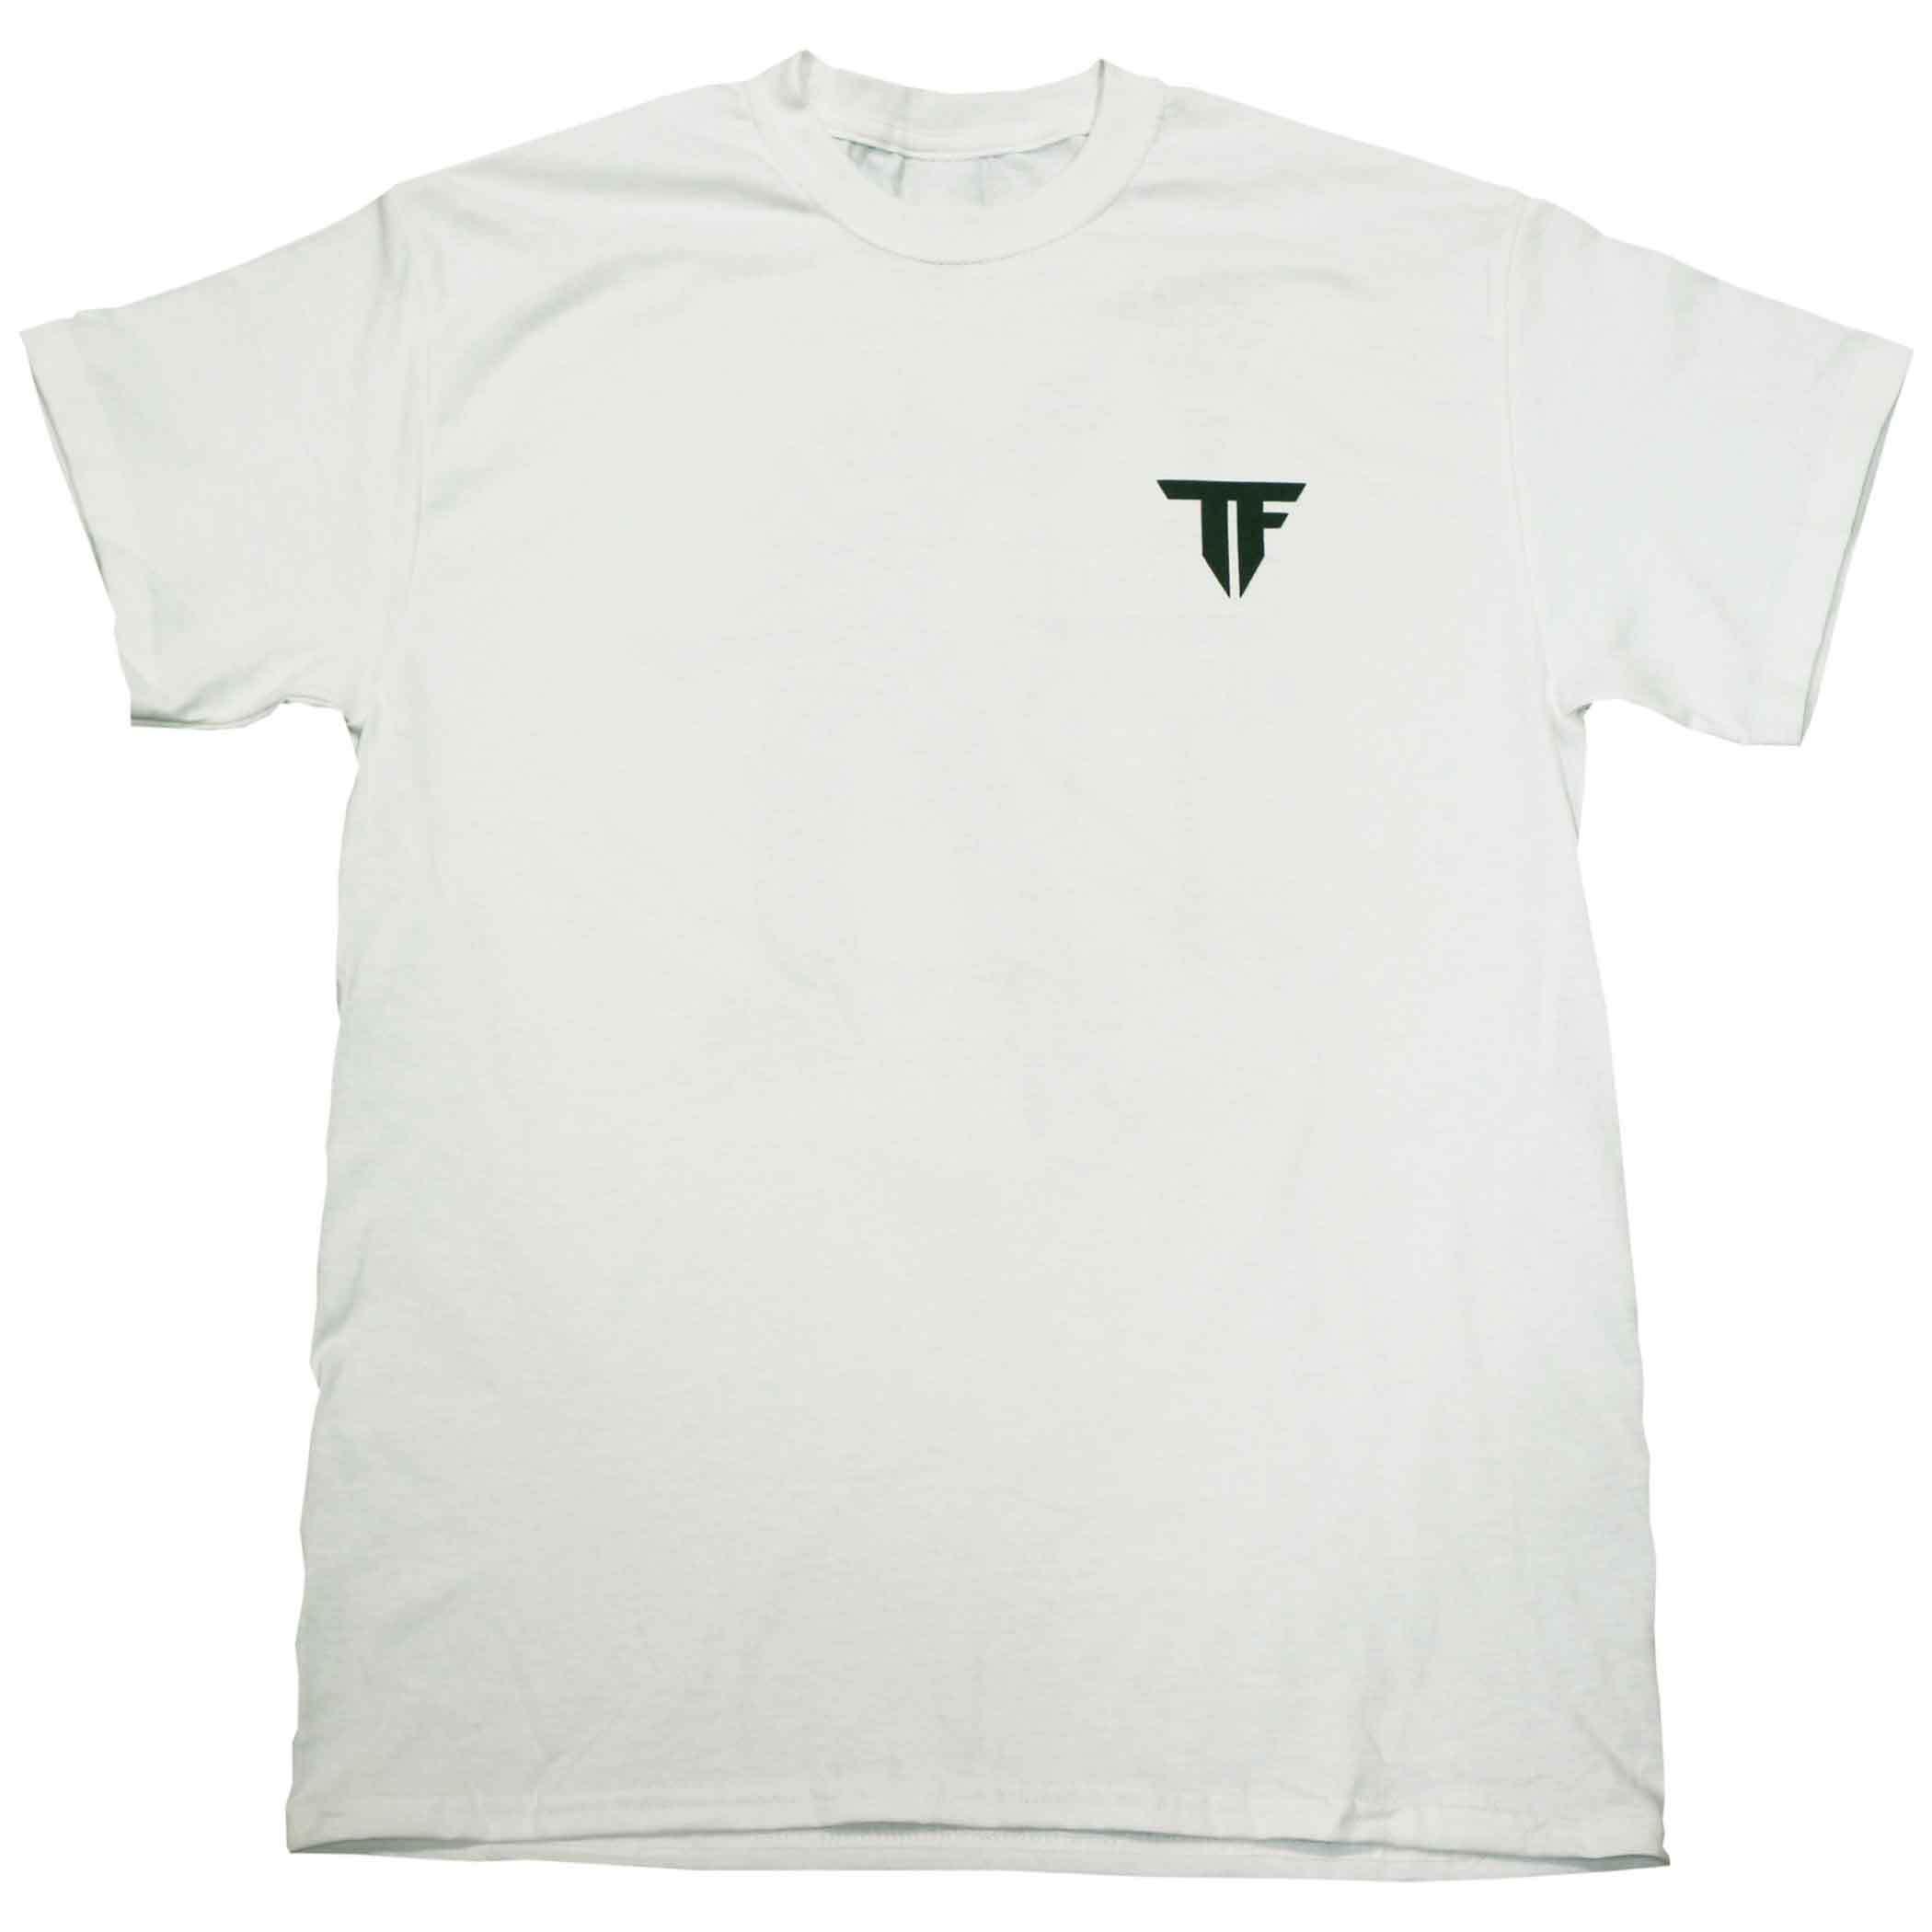 【トランスフォーマー】映画:トランスフォーマー・ダークサイドムーン|オプティマスプライム 両面アートプリントTシャツ